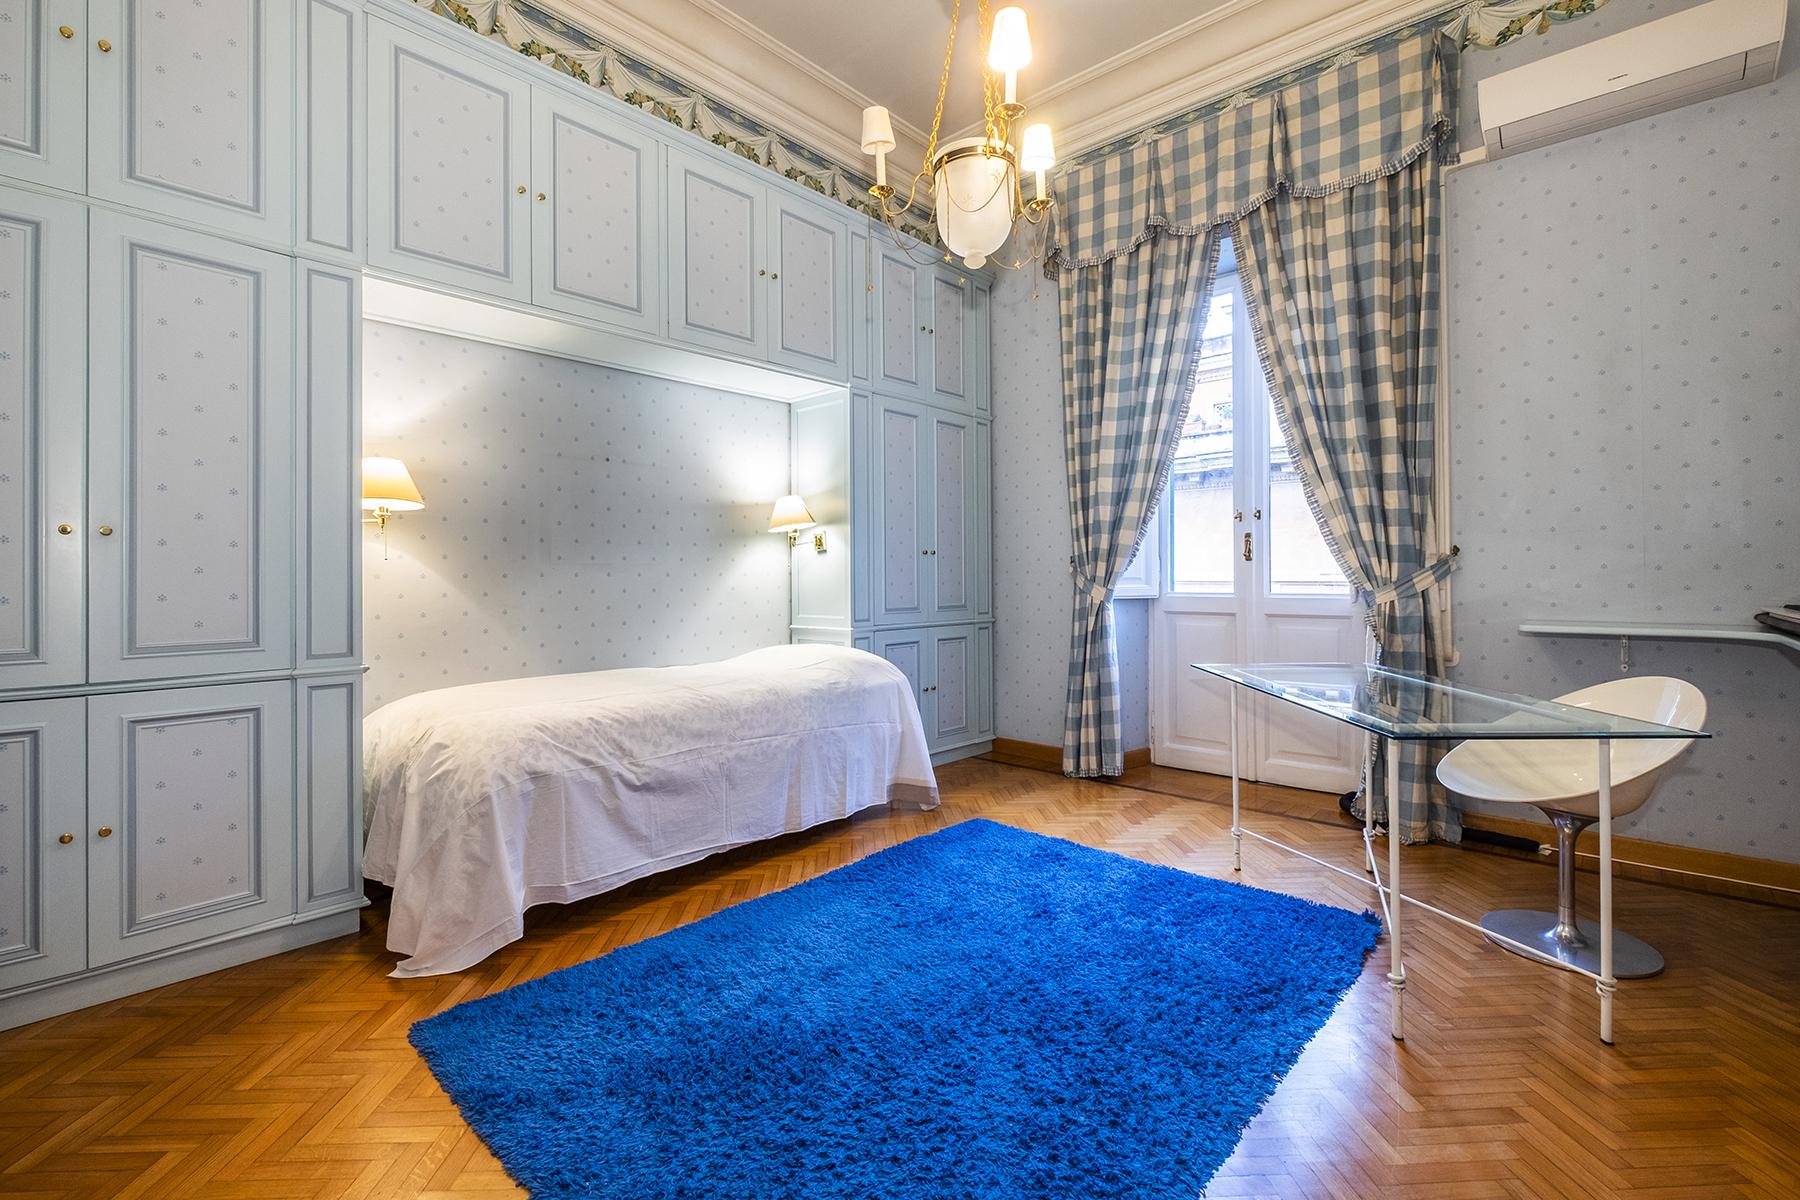 Appartamento di lusso in affitto a roma via viale gorizia for Affitto roma eur arredato